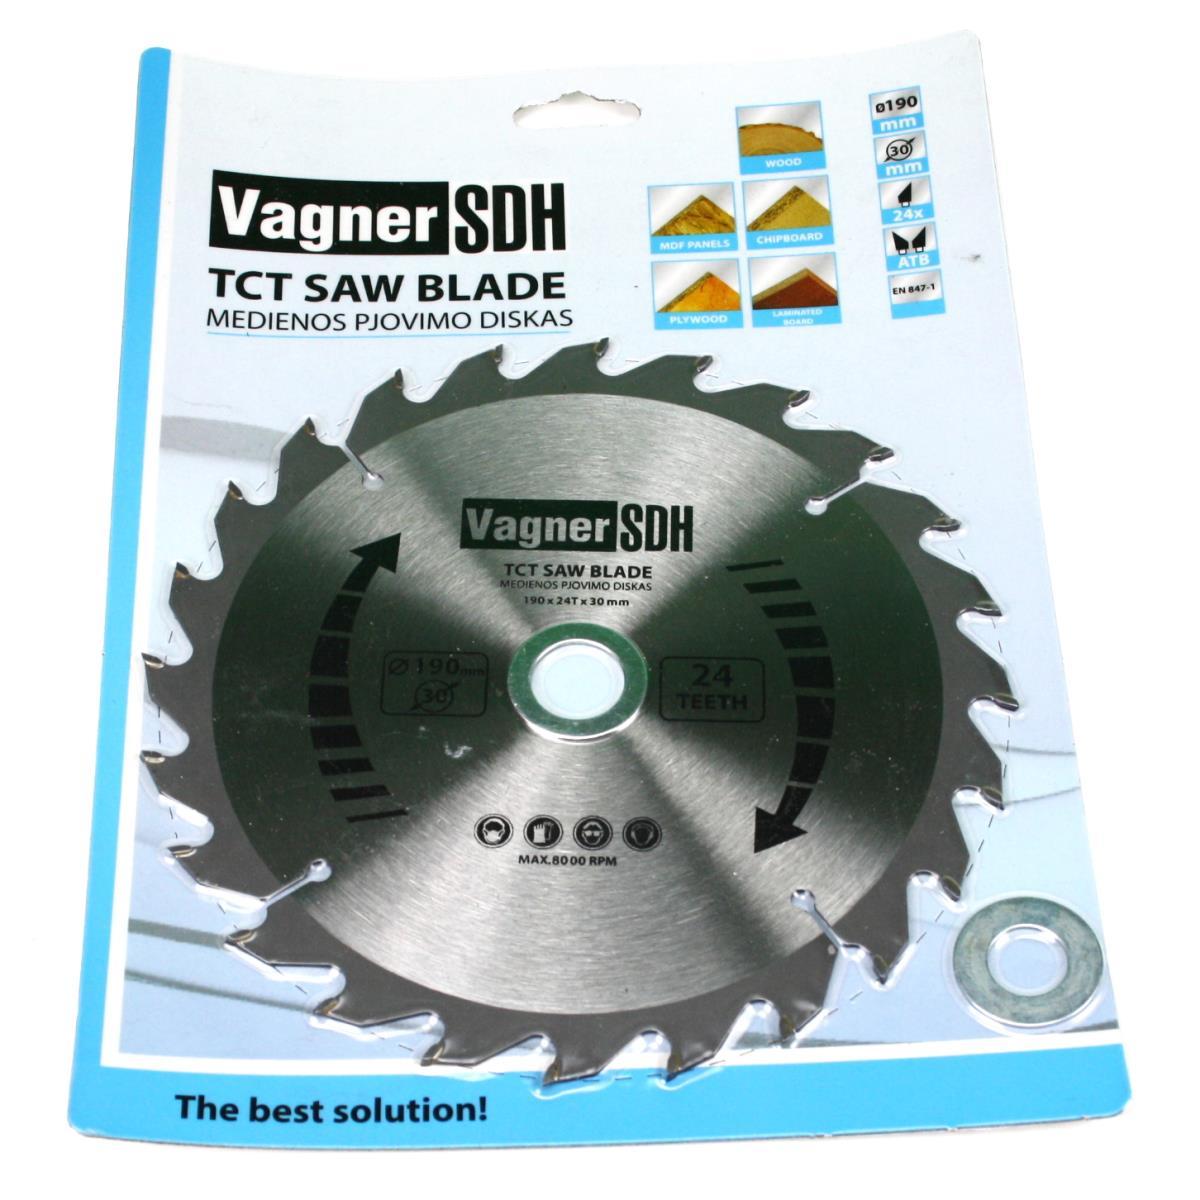 Sägeblatt 190mm Kreissägeblatt für Holz, 24 Zähne, Innen 30-20-16mm,Vagner SDH,51005296, 6941125230344